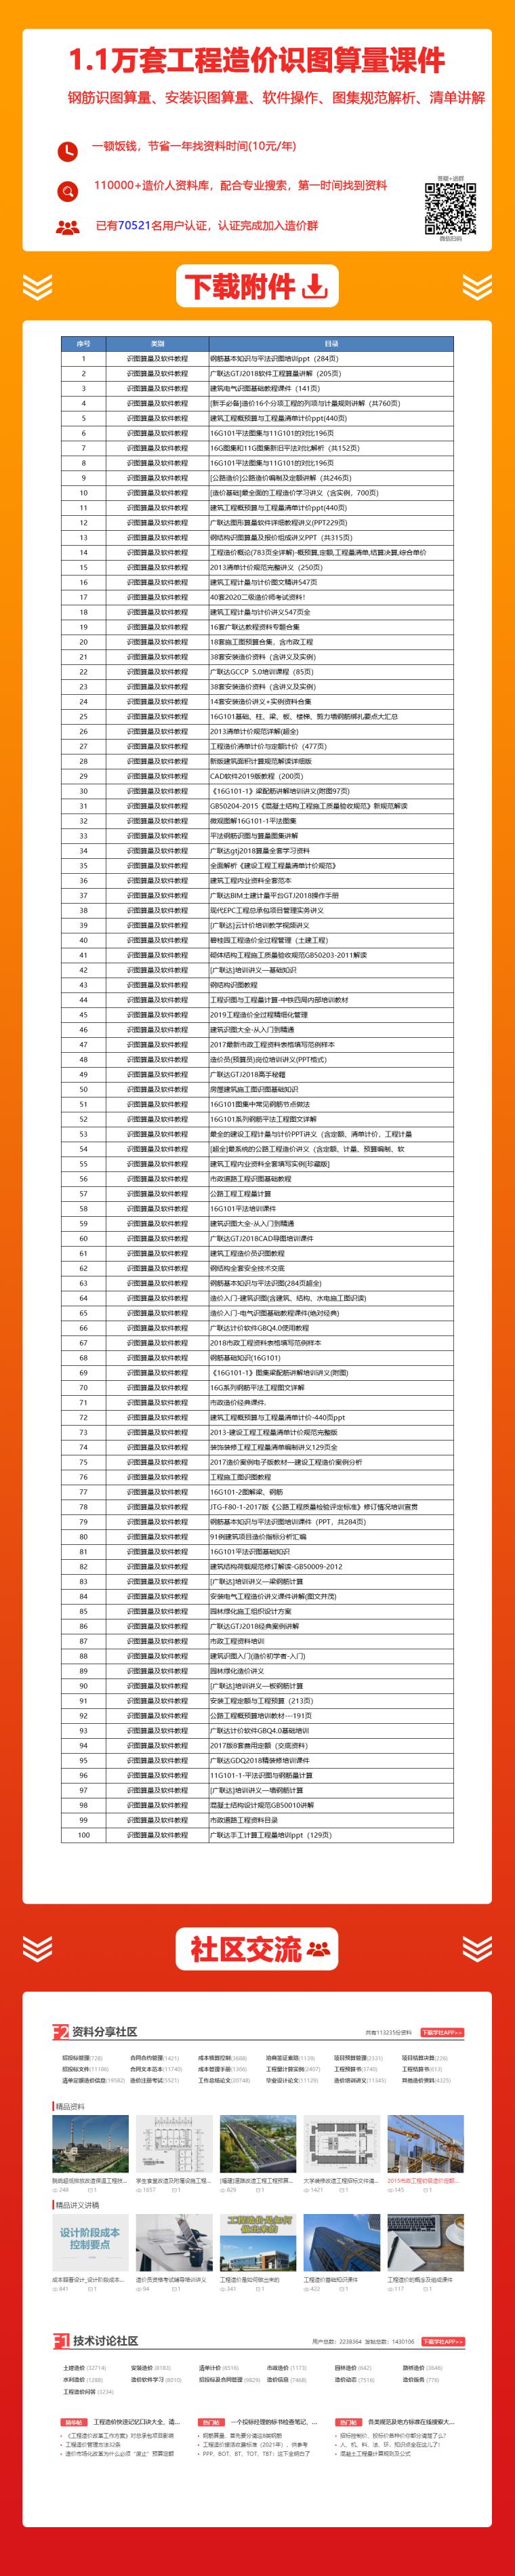 工程造价教程课件1万套,向下滚动查看列表_1